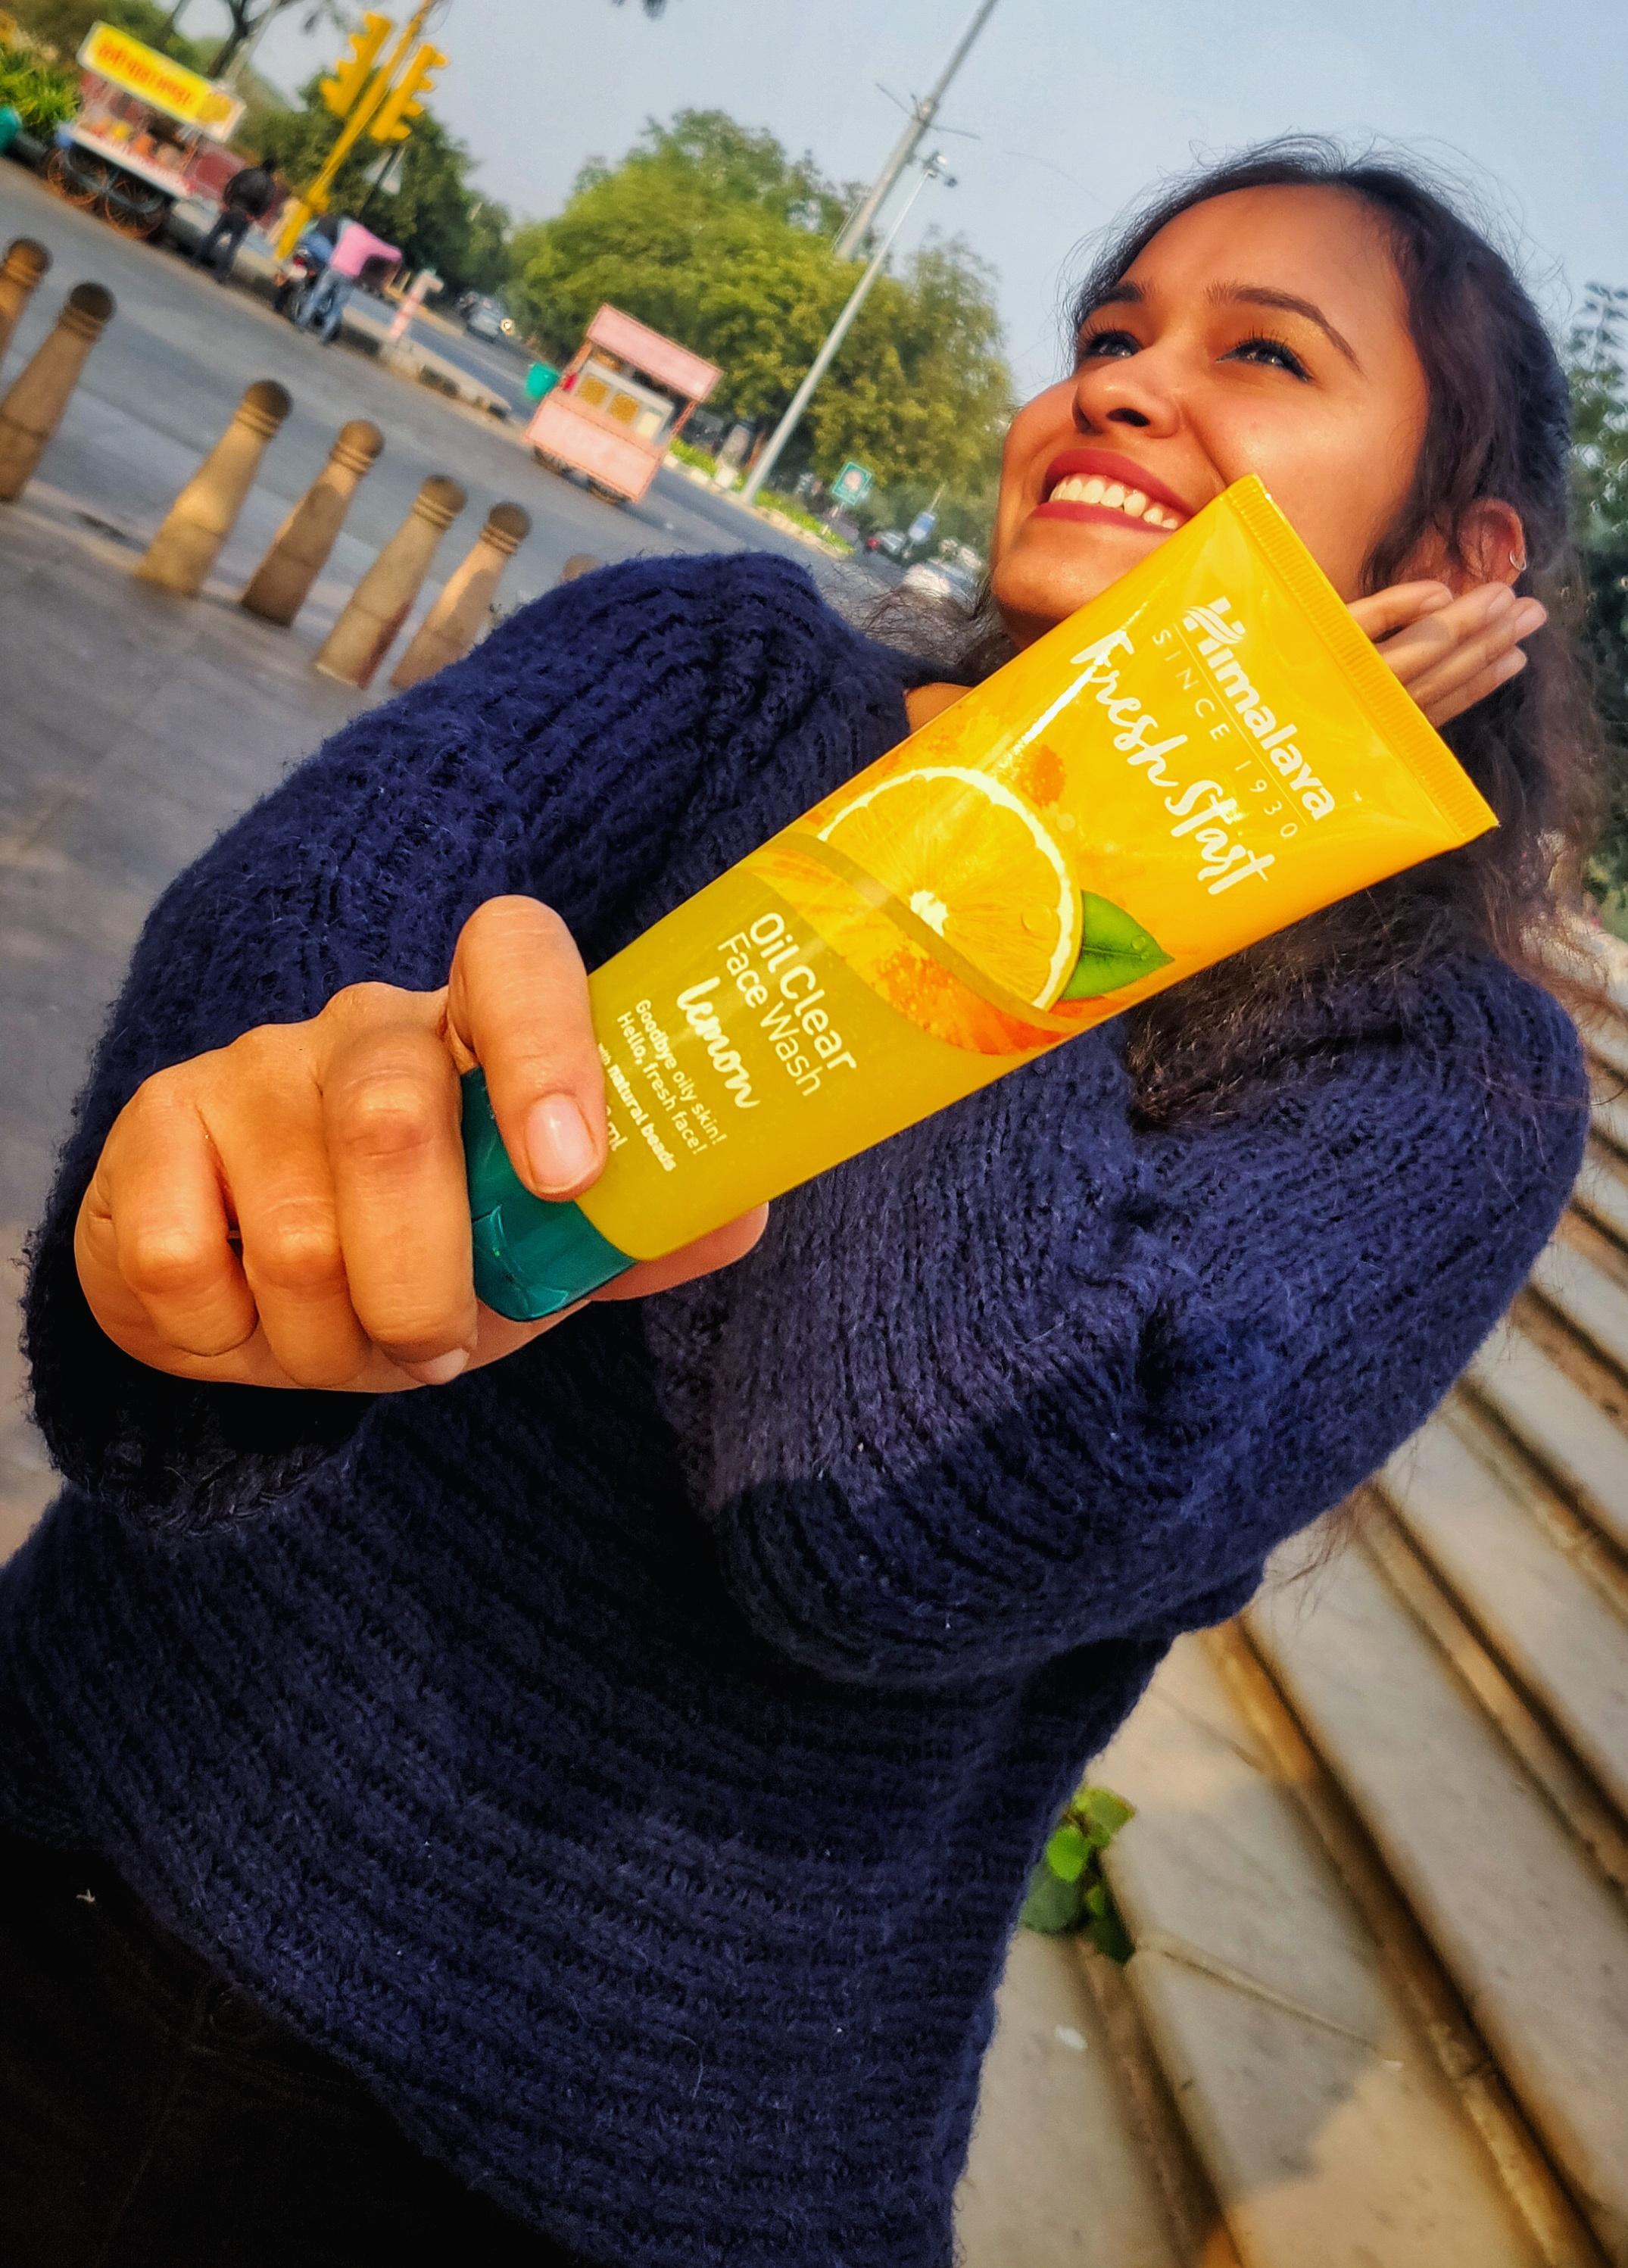 Himalaya Herbals Fresh Start Oil Clear Lemon Face Wash-Lemon freshness-By taniyajoshi13